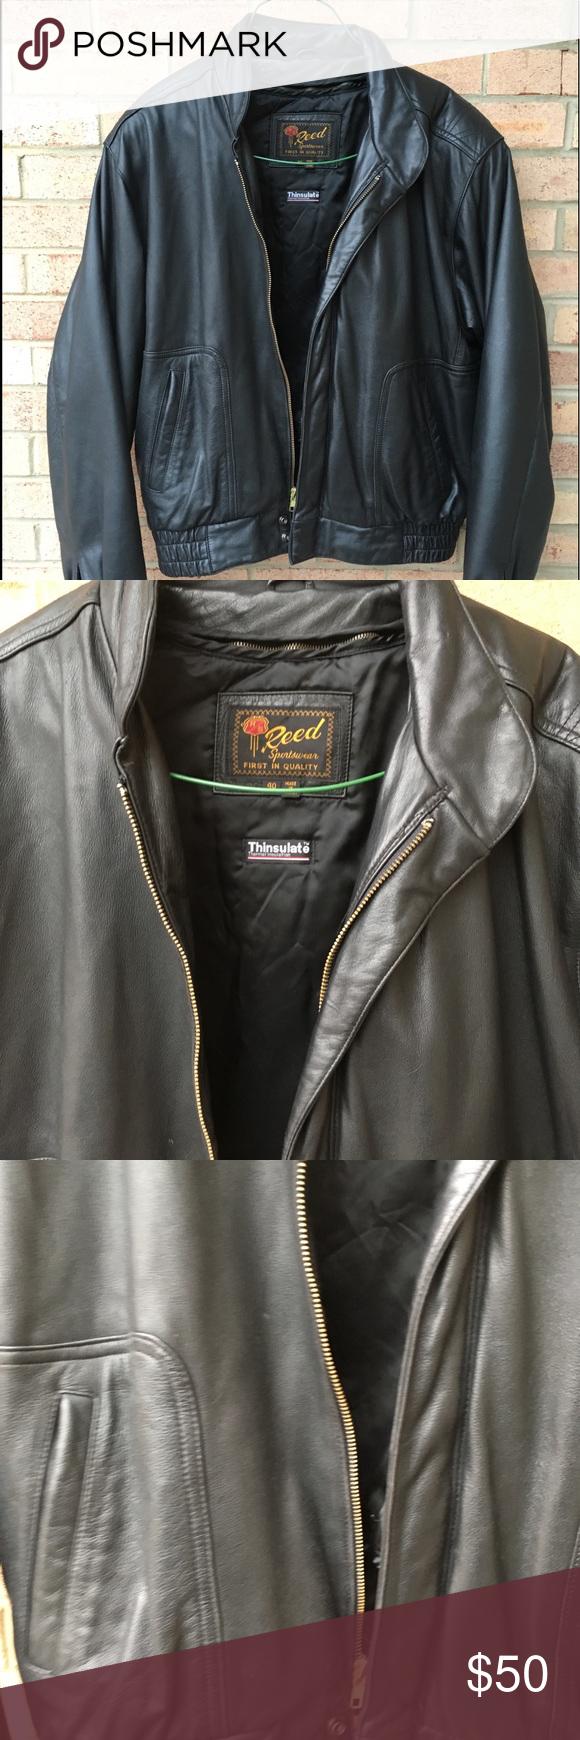 Men S Reed Sportswear Leather Jacket A Gently Used Men S Reed Sportswear Black Leather Jacket Size 40 Thinsulate Removabl Leather Jacket Jackets Sportswear [ 1740 x 580 Pixel ]